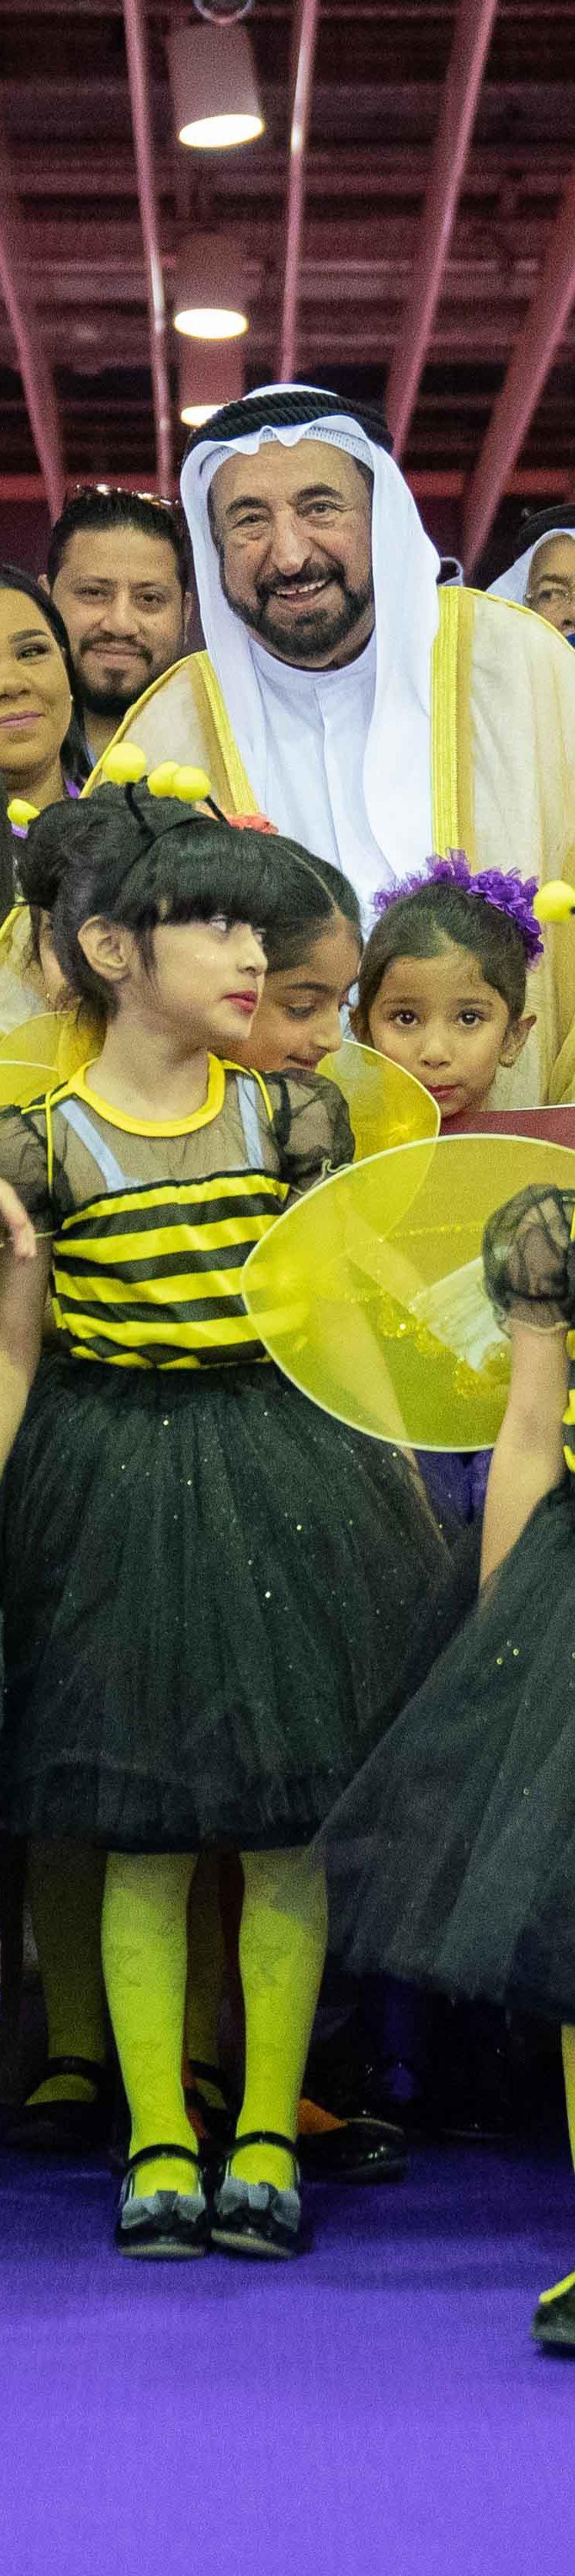 حاكم الشارقة يفتتح الدورة الـ 11 من مهرجان الشارقة القرائي للطفل